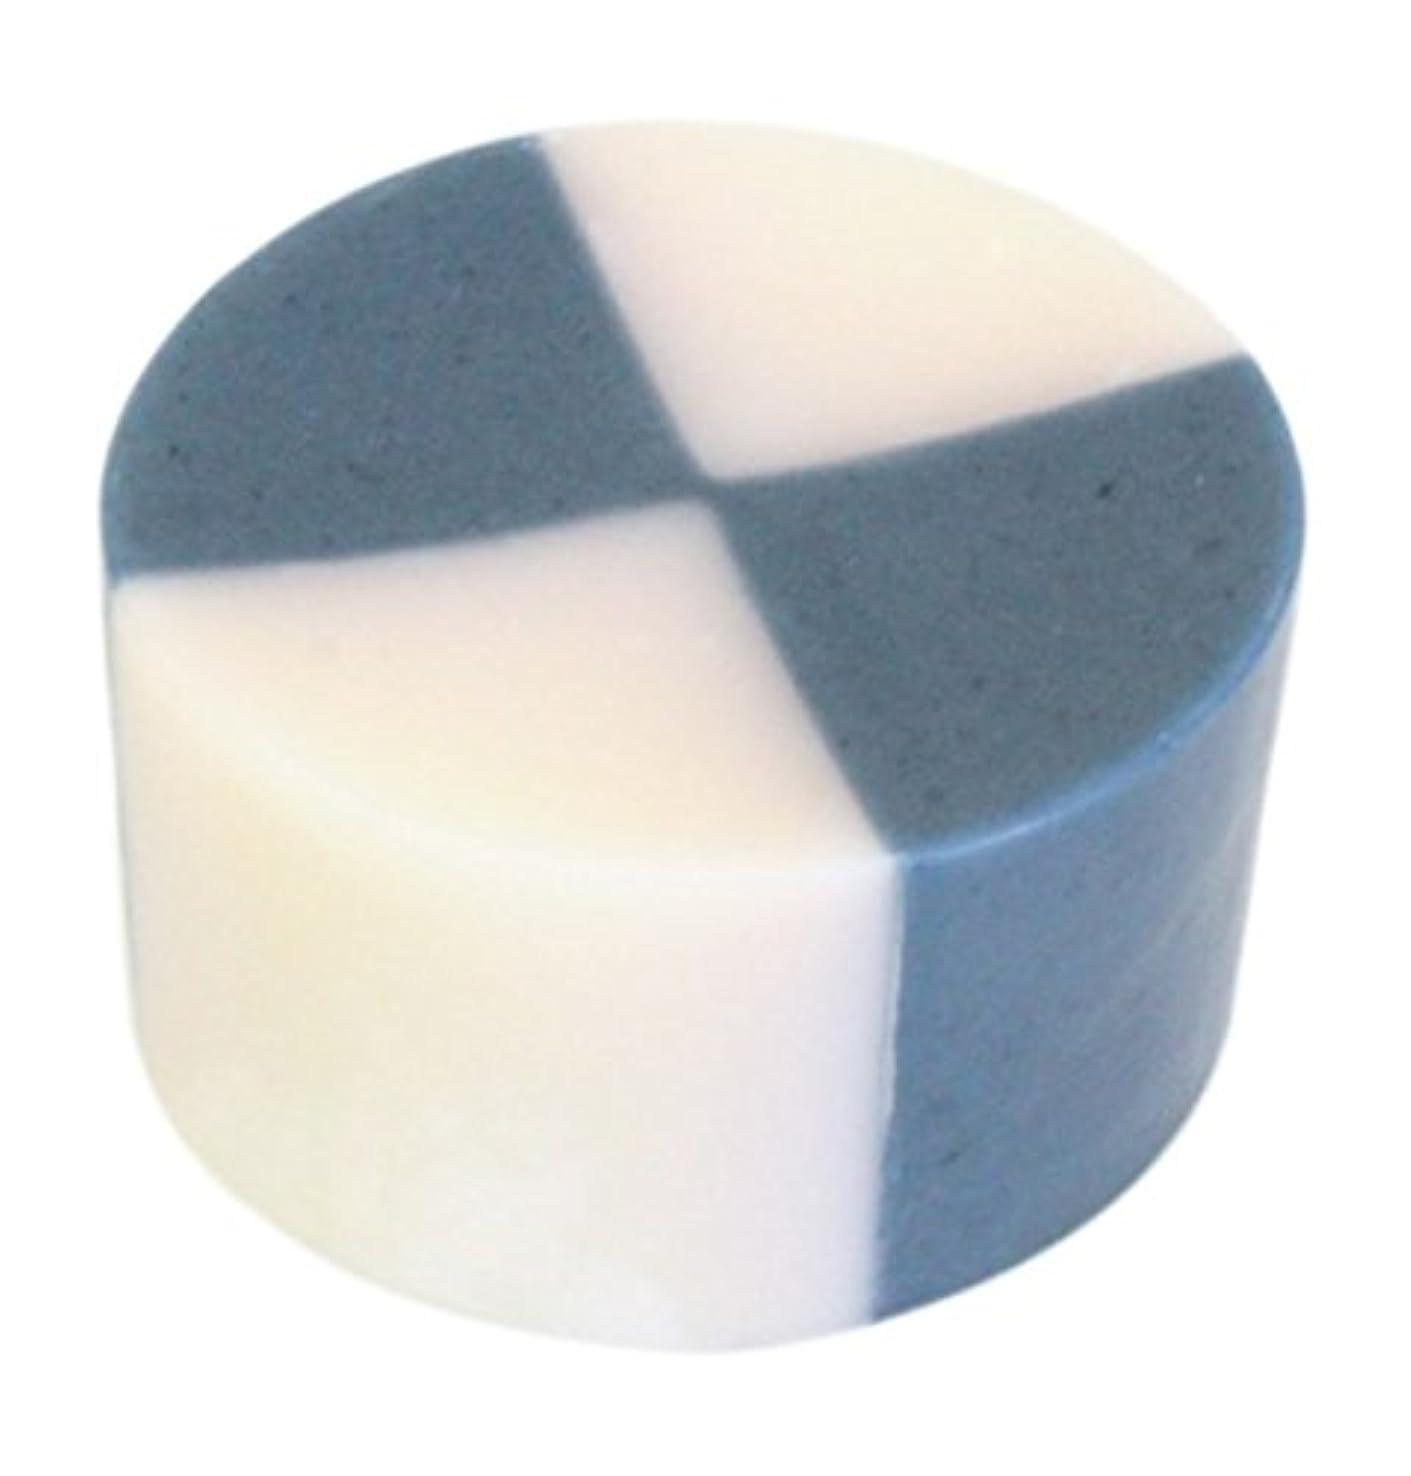 クライマックス優先パンフレット藍色工房 藍染め石けん「いちまつ」(60g)